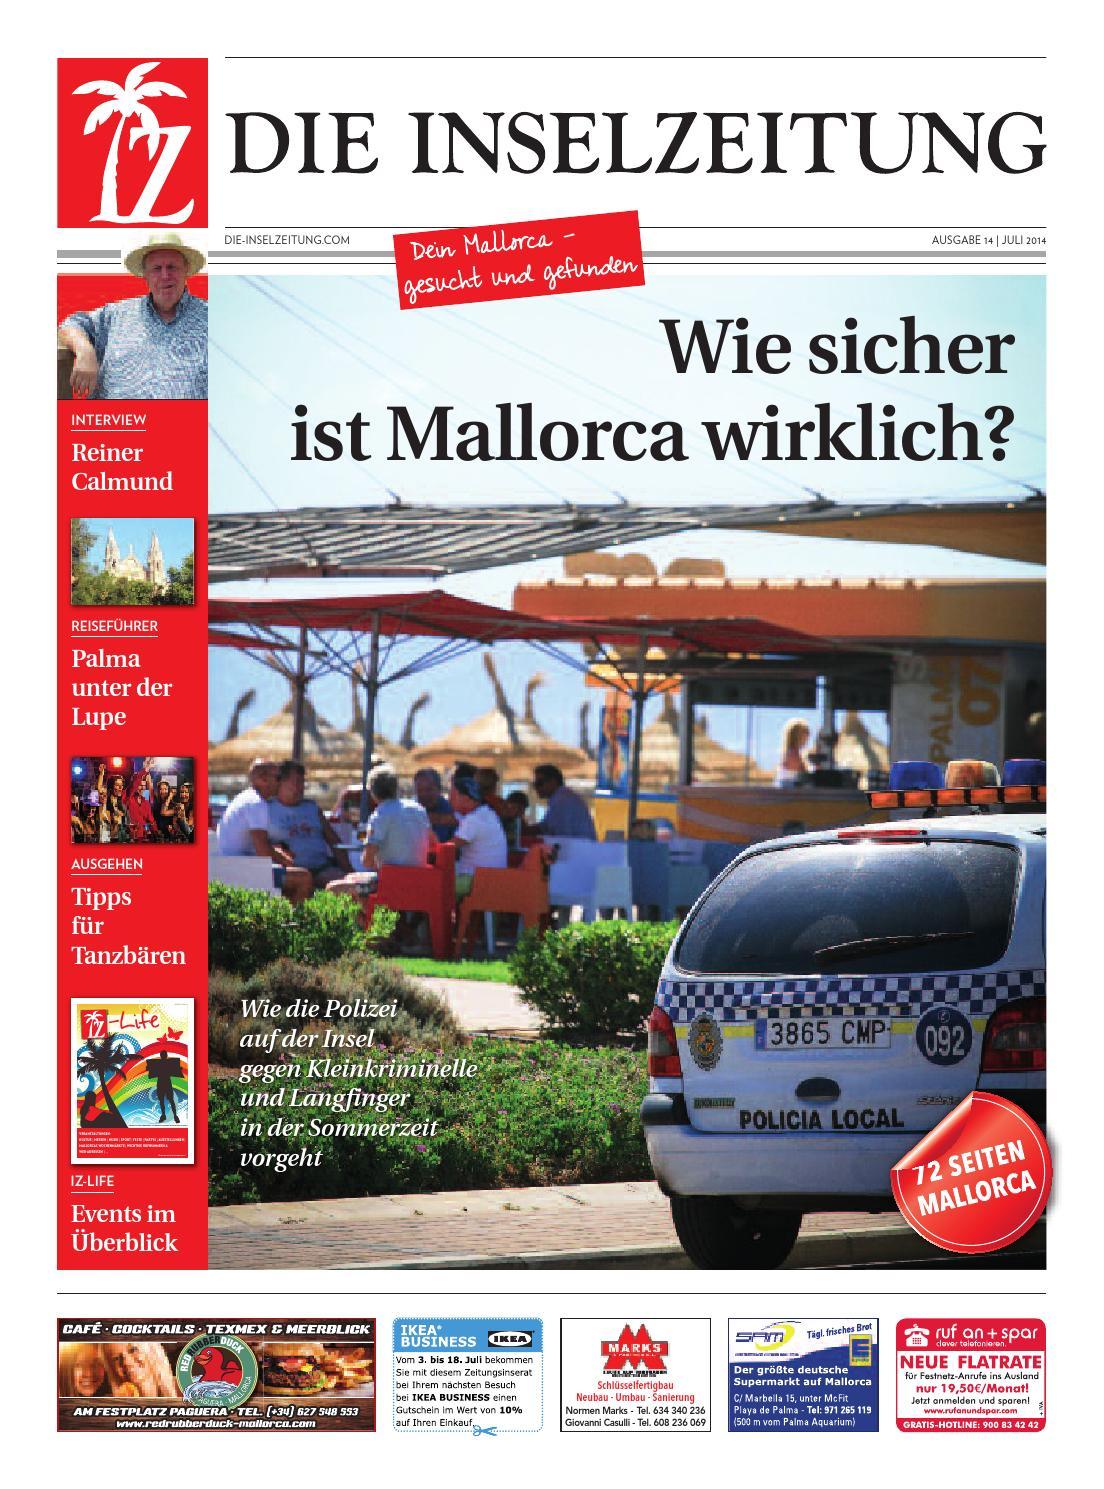 Die inselzeitung mallorca juli 2014 by Die Inselzeitung Mallorca ...